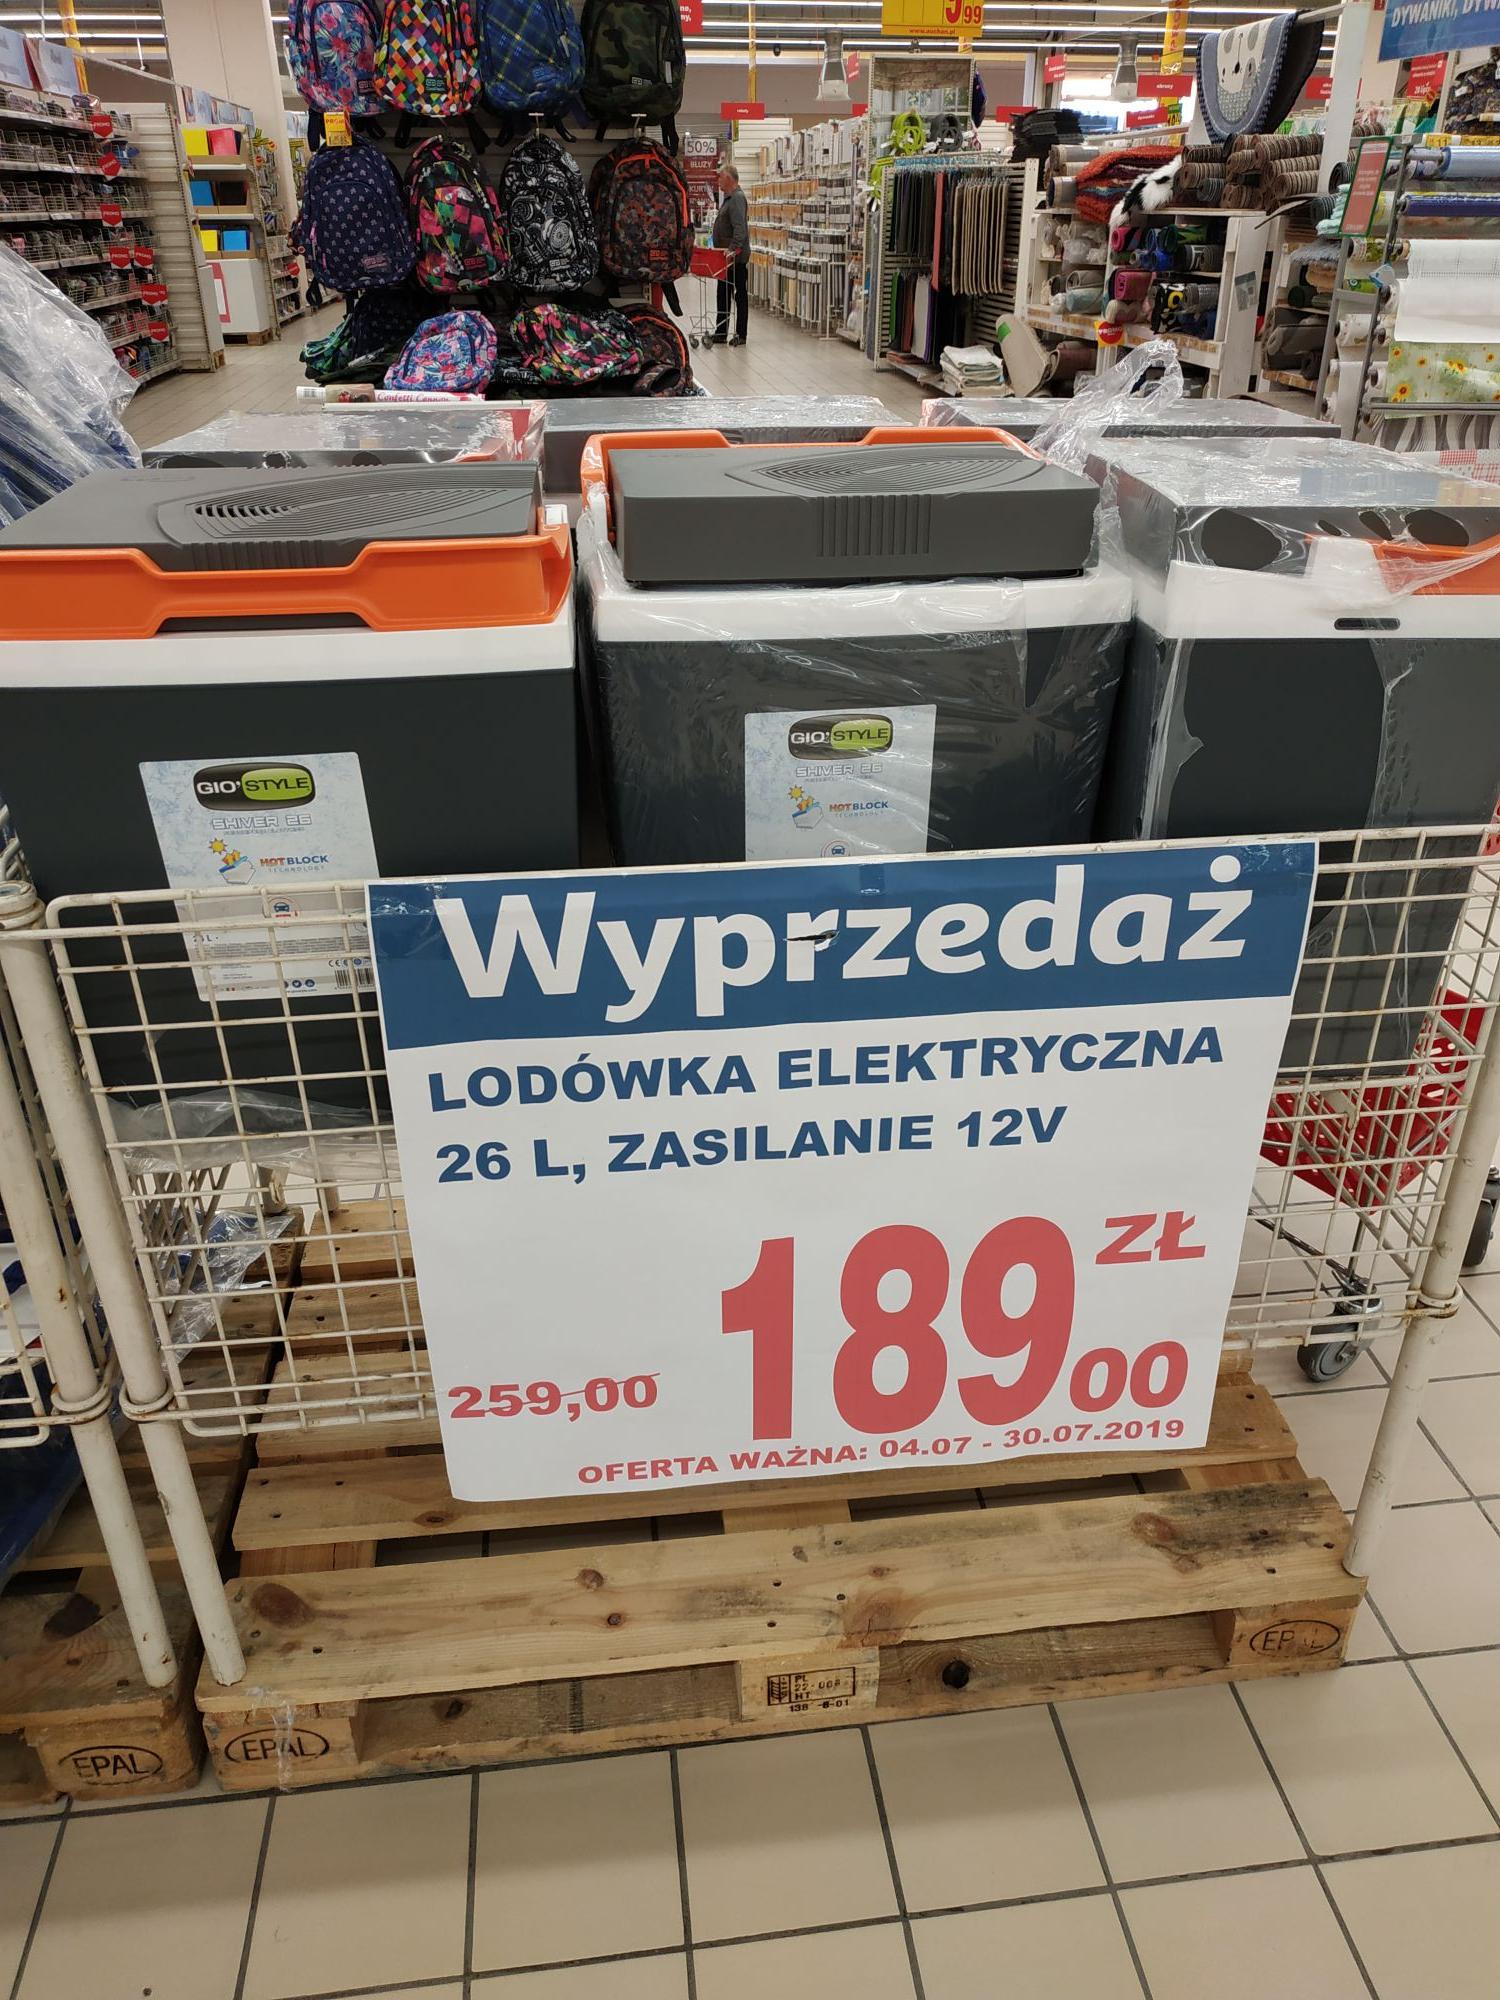 Lodówka turystyczna 26 Litrów 12V Auchan